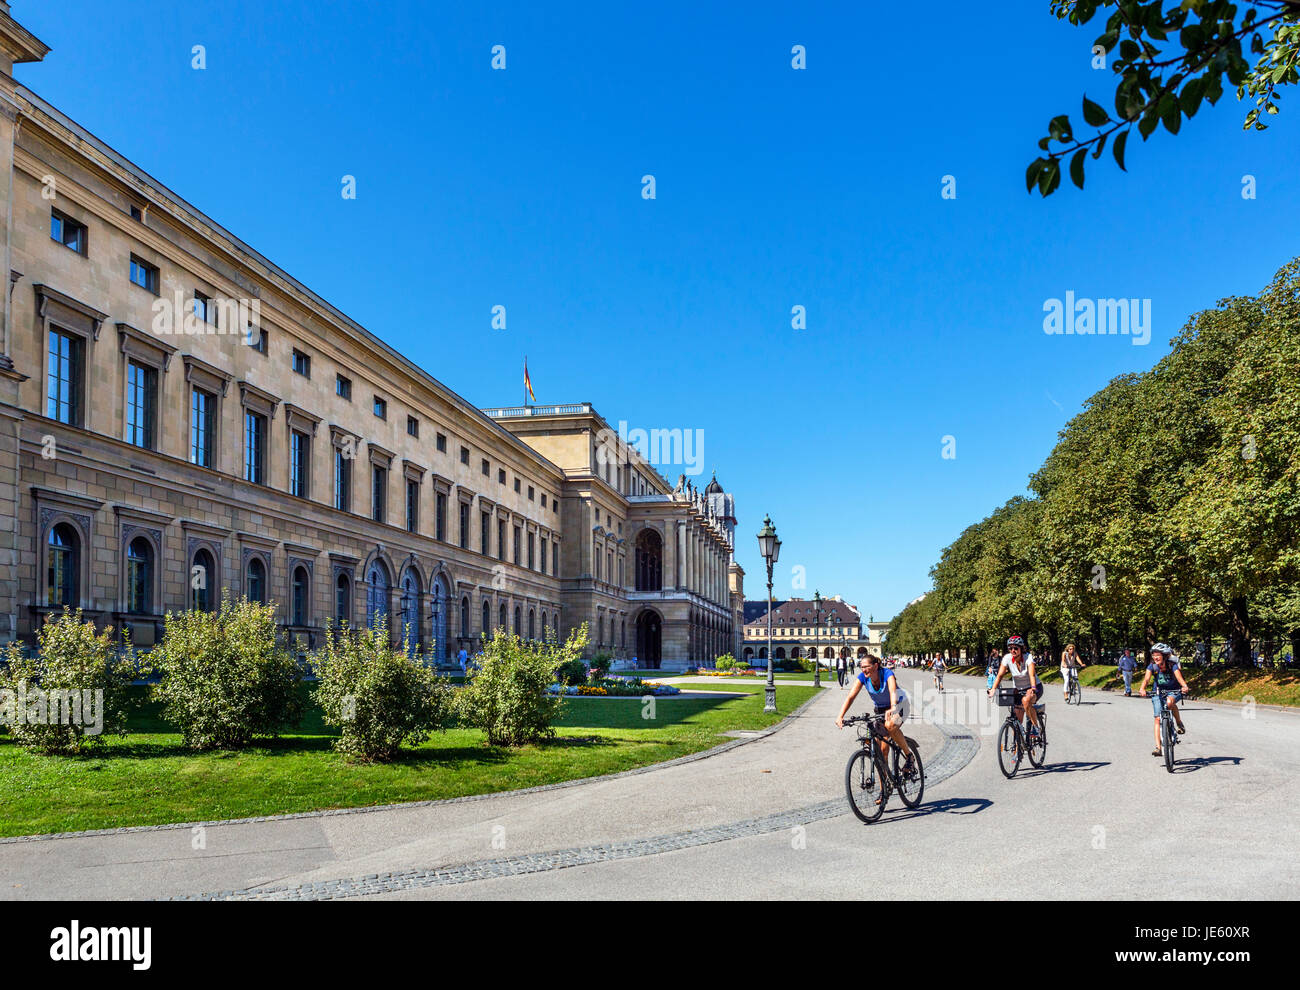 Munich Residenz. The Hofgarten aspect of the Residenz, the Bavarian royal palace, Munich, Bavaria, Germany - Stock Image